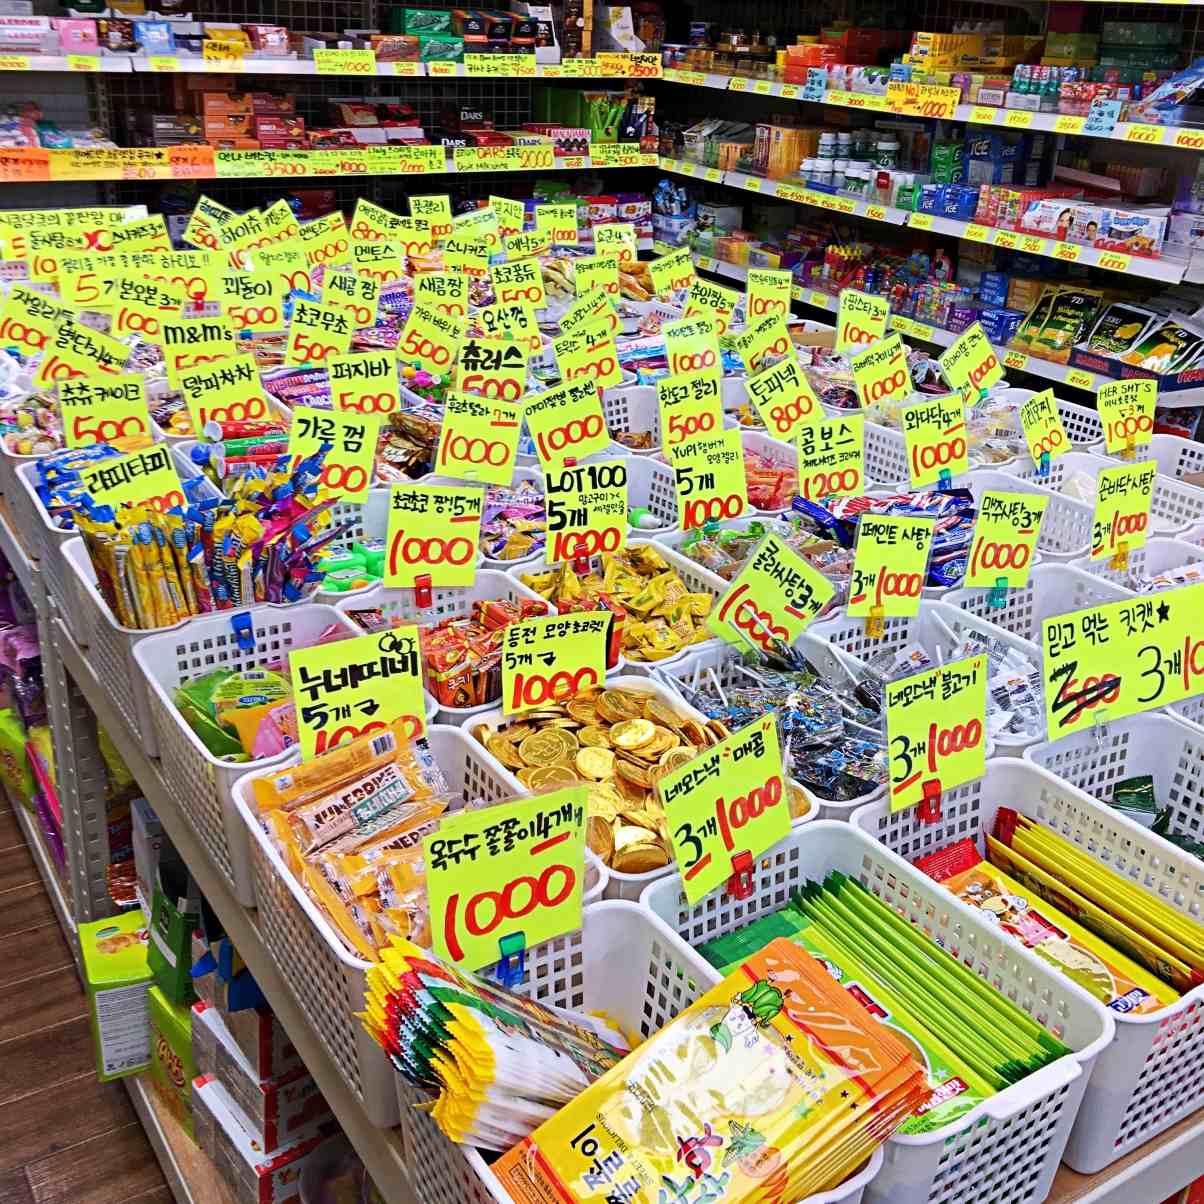 店內還擺了超過30種的小糖果小餅乾,對於每個都想吃看看,每個都只想吃一點點的零食選擇困難症患者是一大福音!